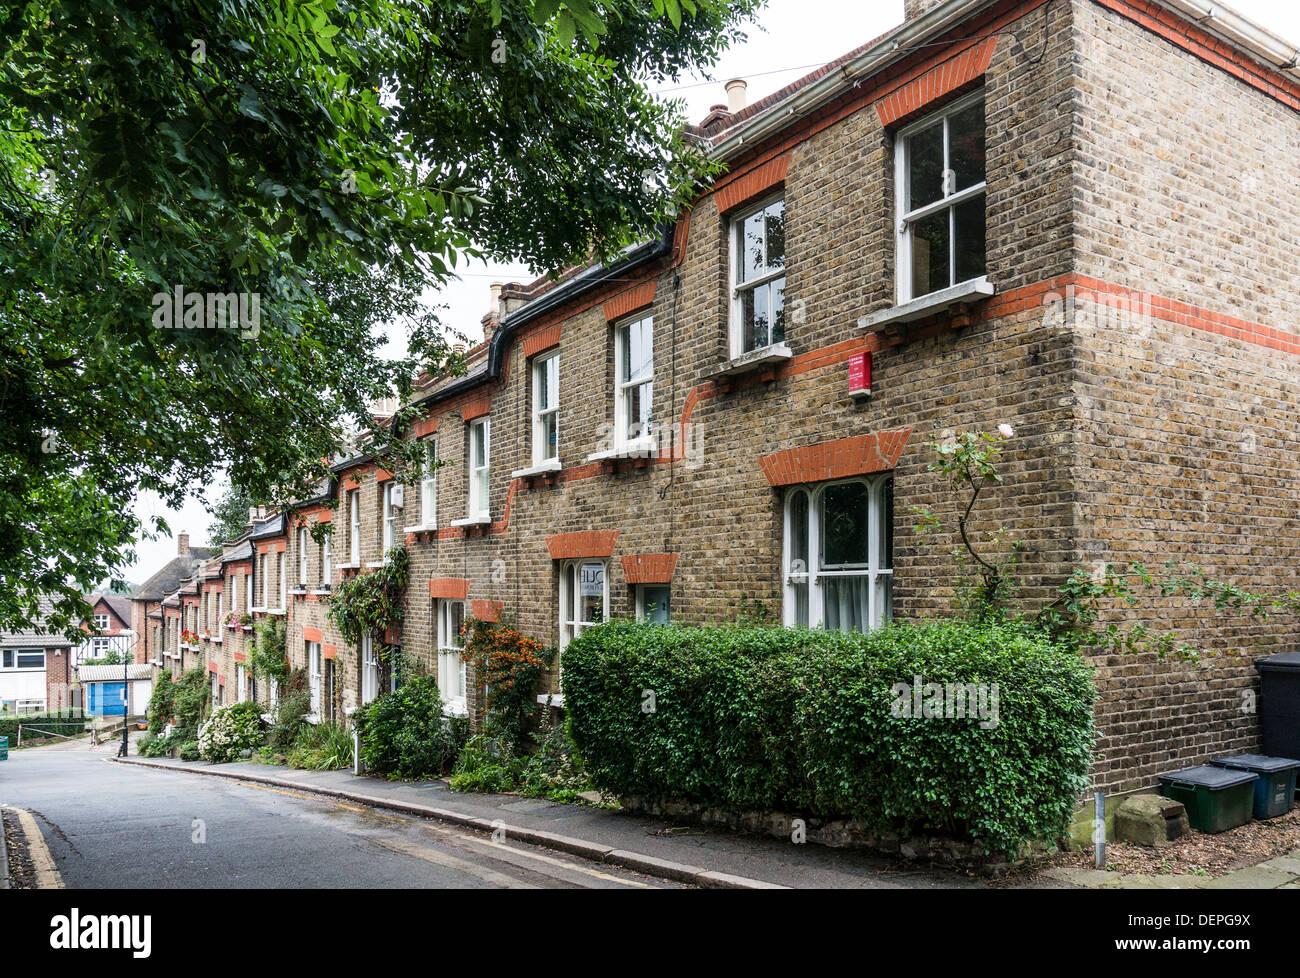 Eine schräge Seitenstraße der traditionellen viktorianischen, Backstein gebaut, zweistöckige Reihenhäuser, in Crystal Palace, London, England, UK. Stockbild